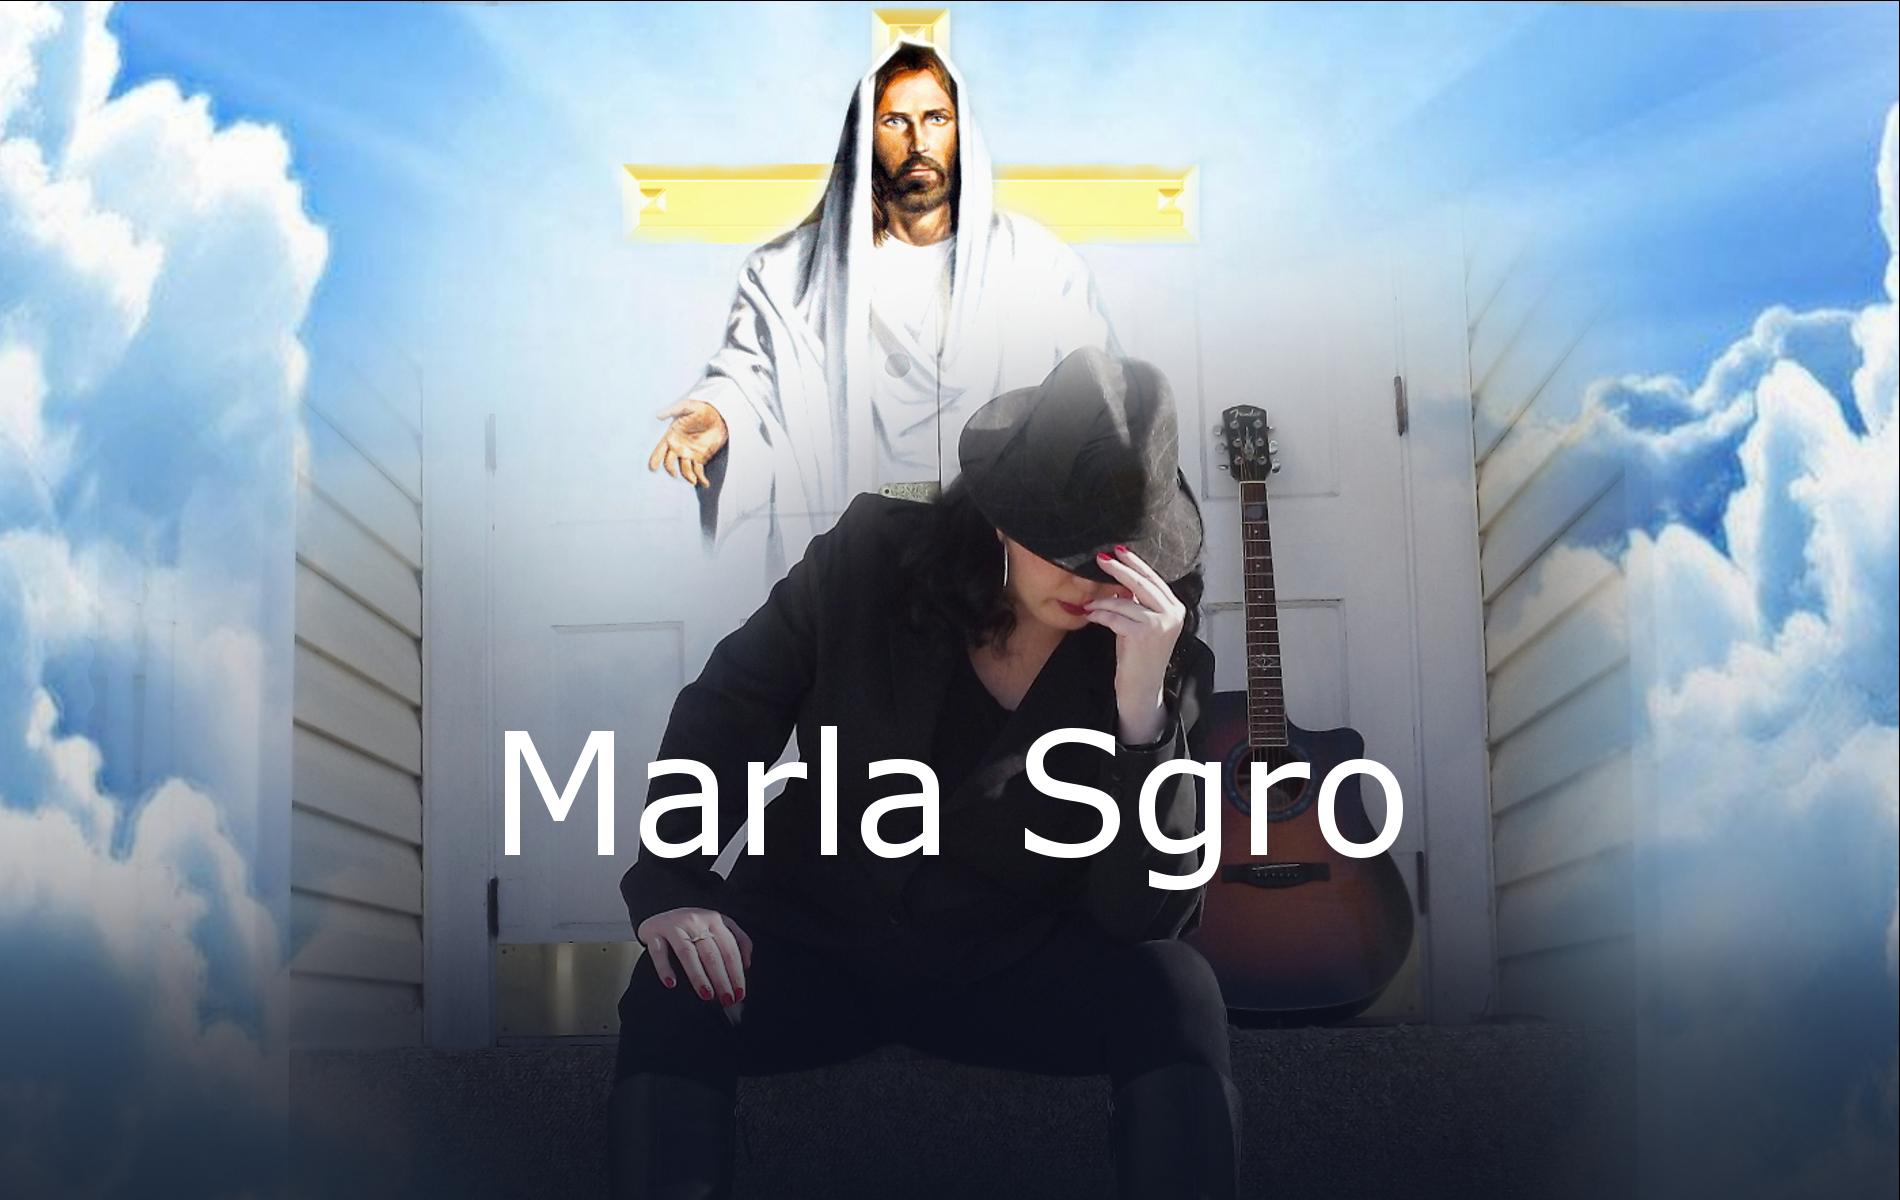 Marla Sgro